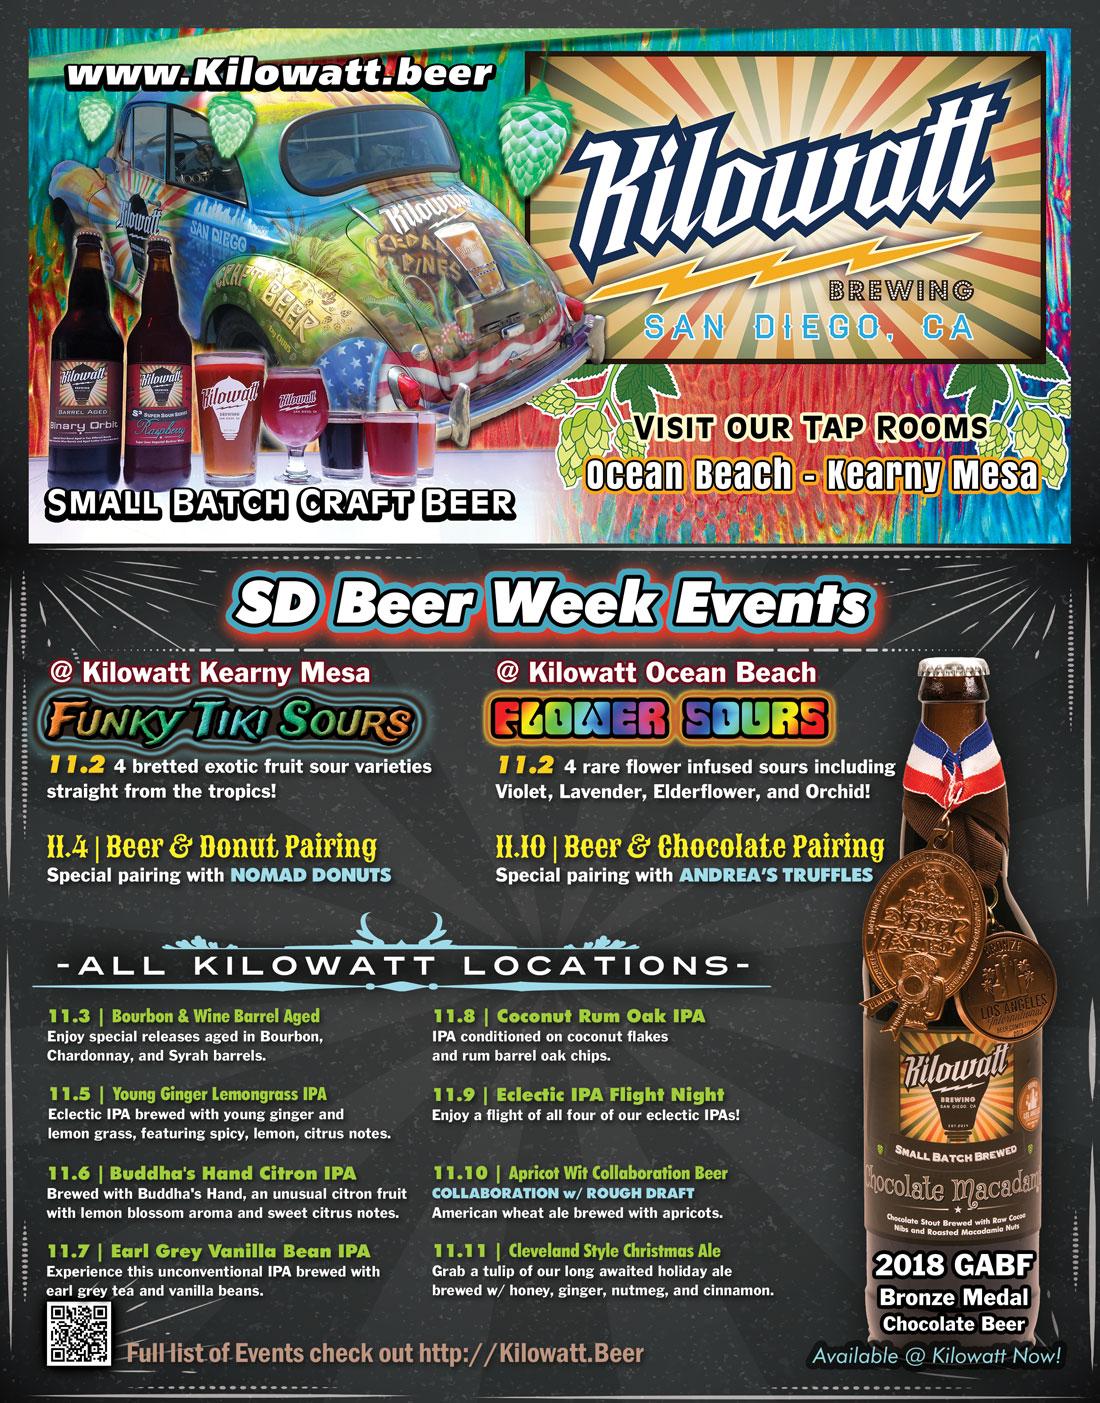 san diego beer week 2018 schedule